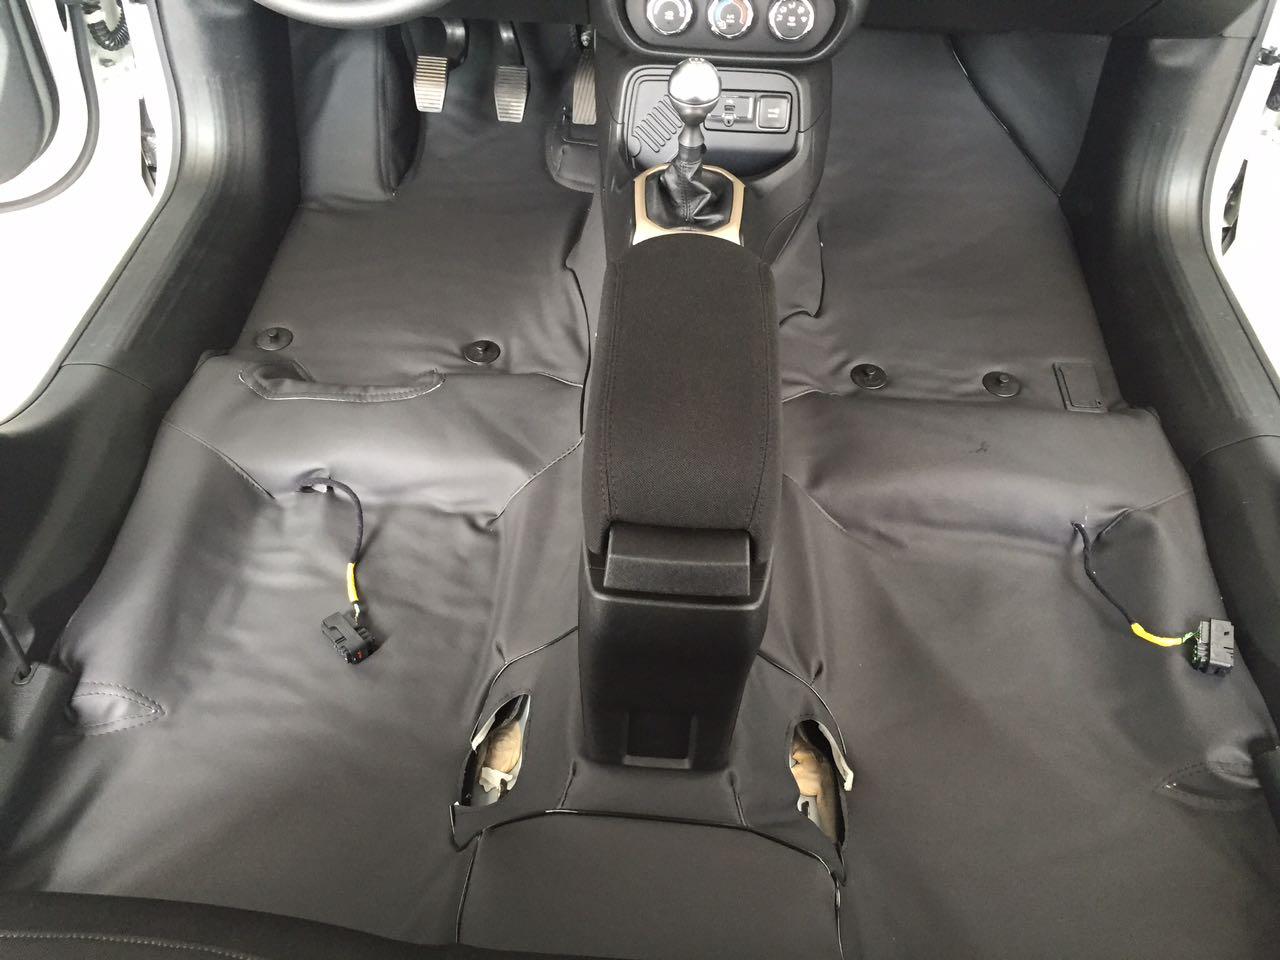 Forro Super Luxo Automotivo Assoalho Para A20 D20 Simples